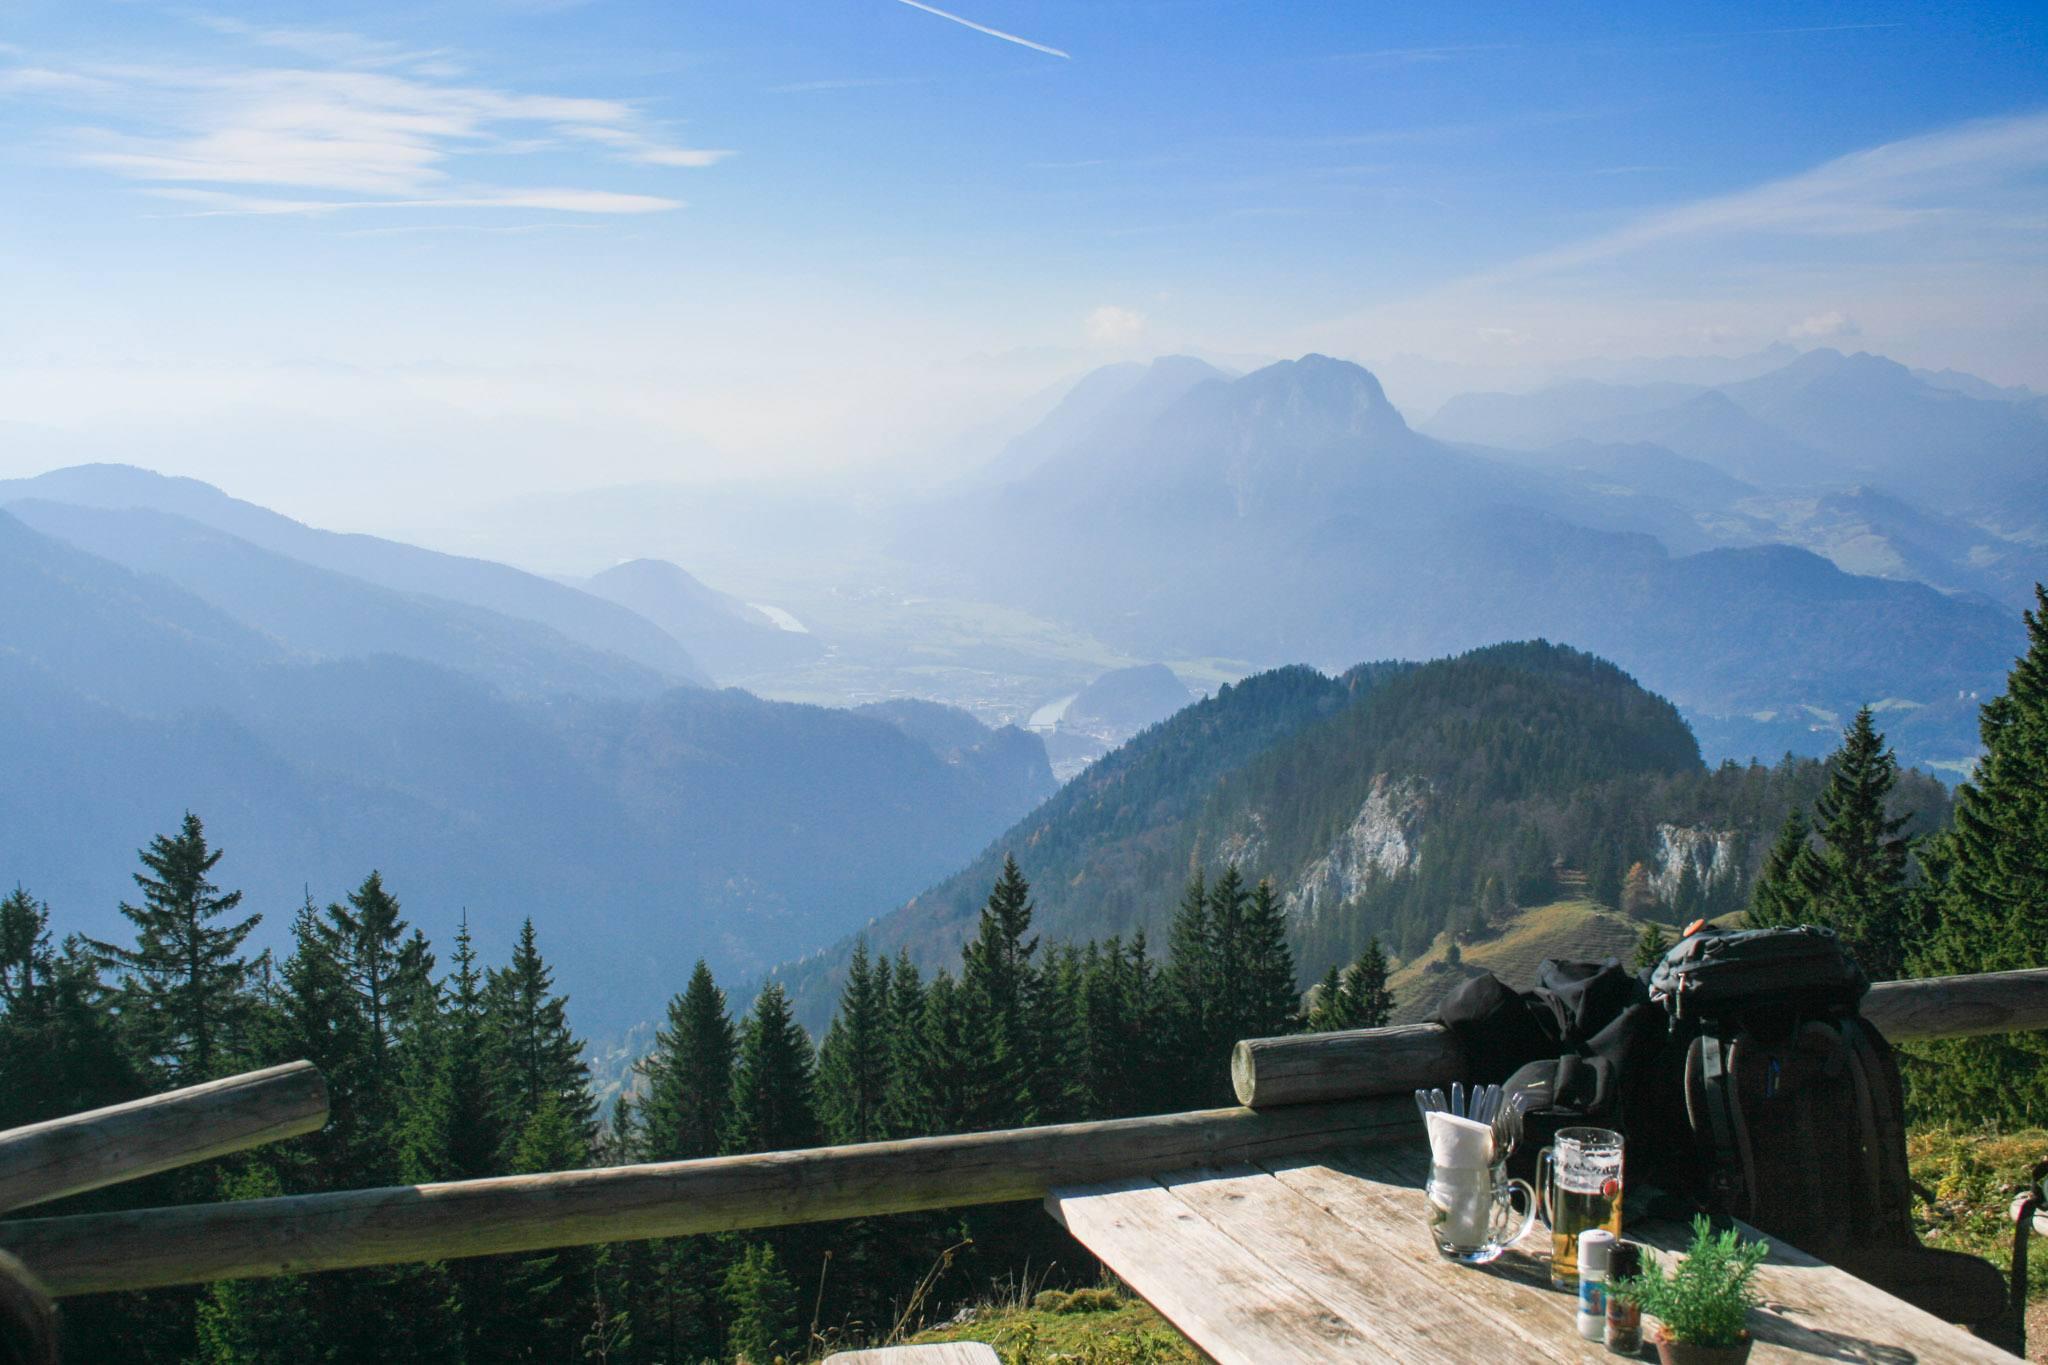 Ausblick vom Vorderkaiserfelden auf die Festung Kufstein